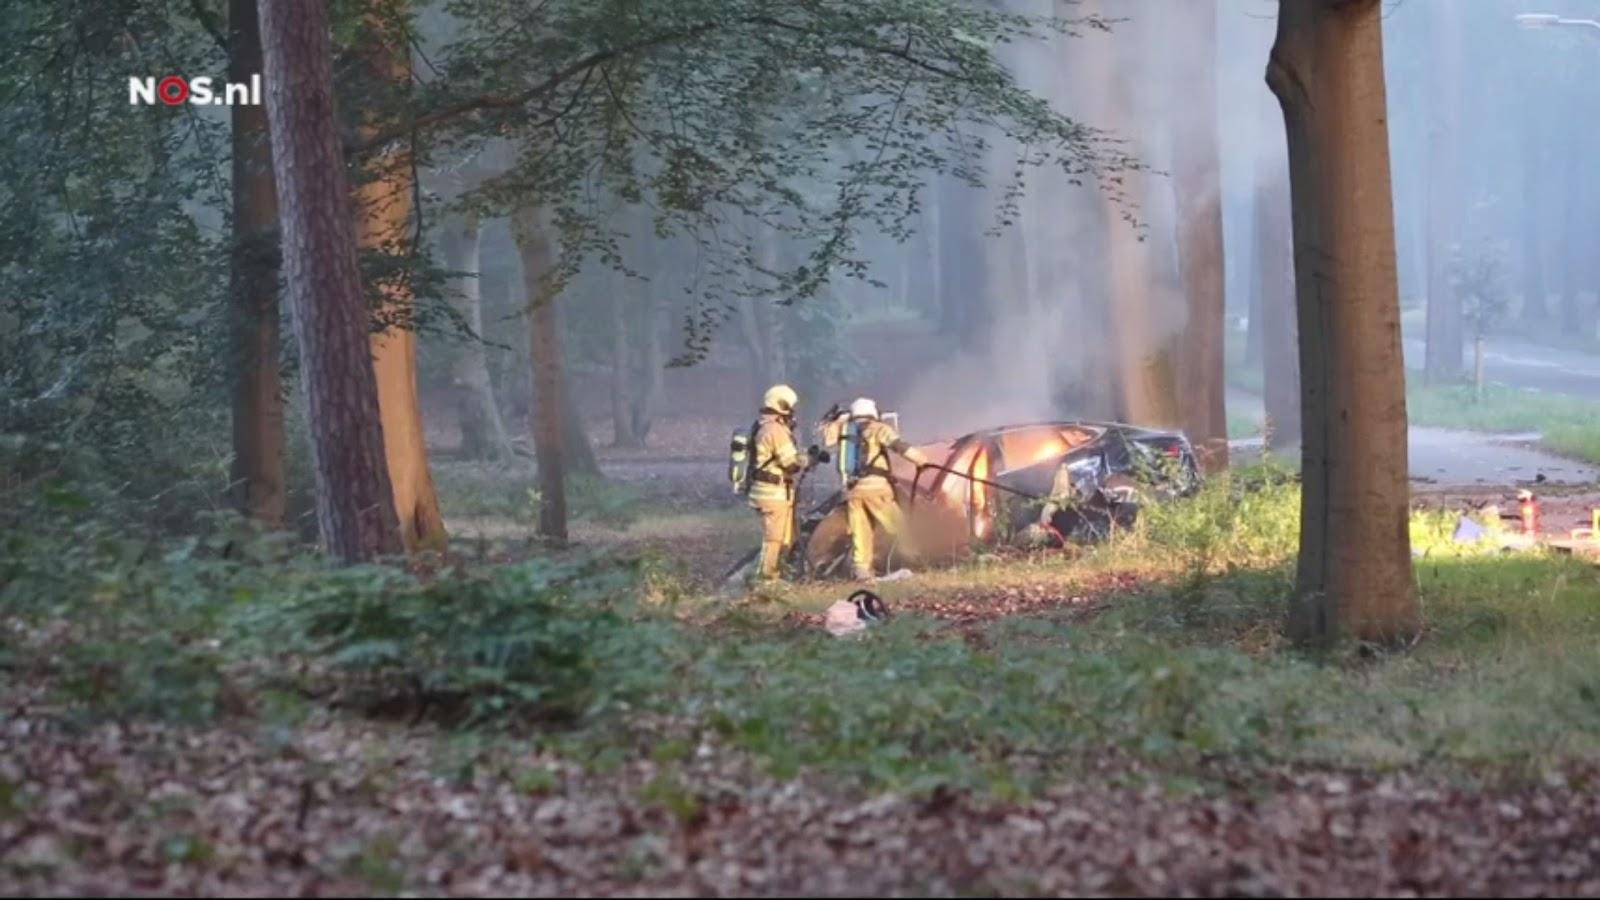 Авария Tesla Model S в Баарне. Фото nos.nl.